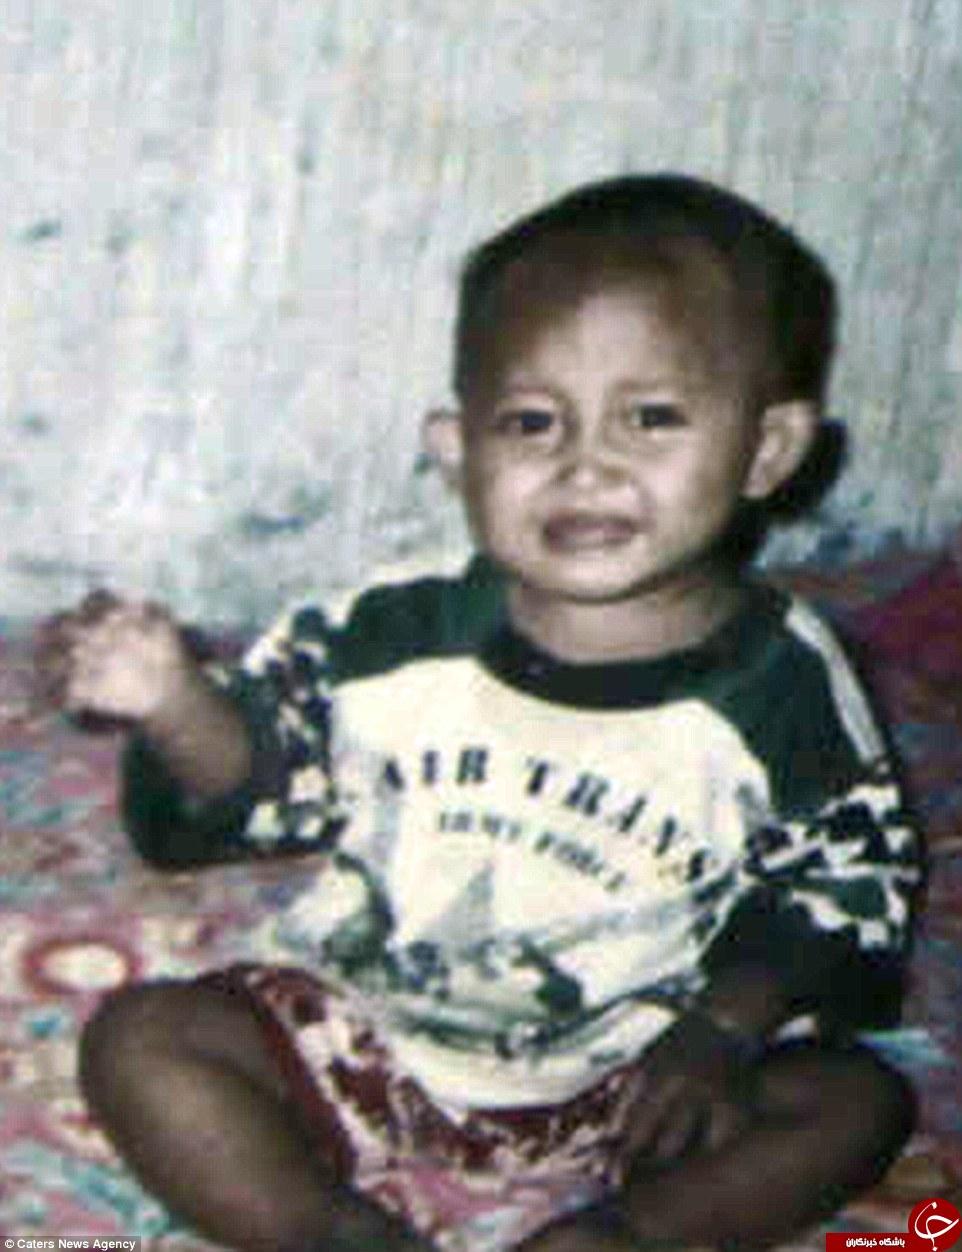 چاق ترین مرد چاق ترین پسر اخبار اندونزی